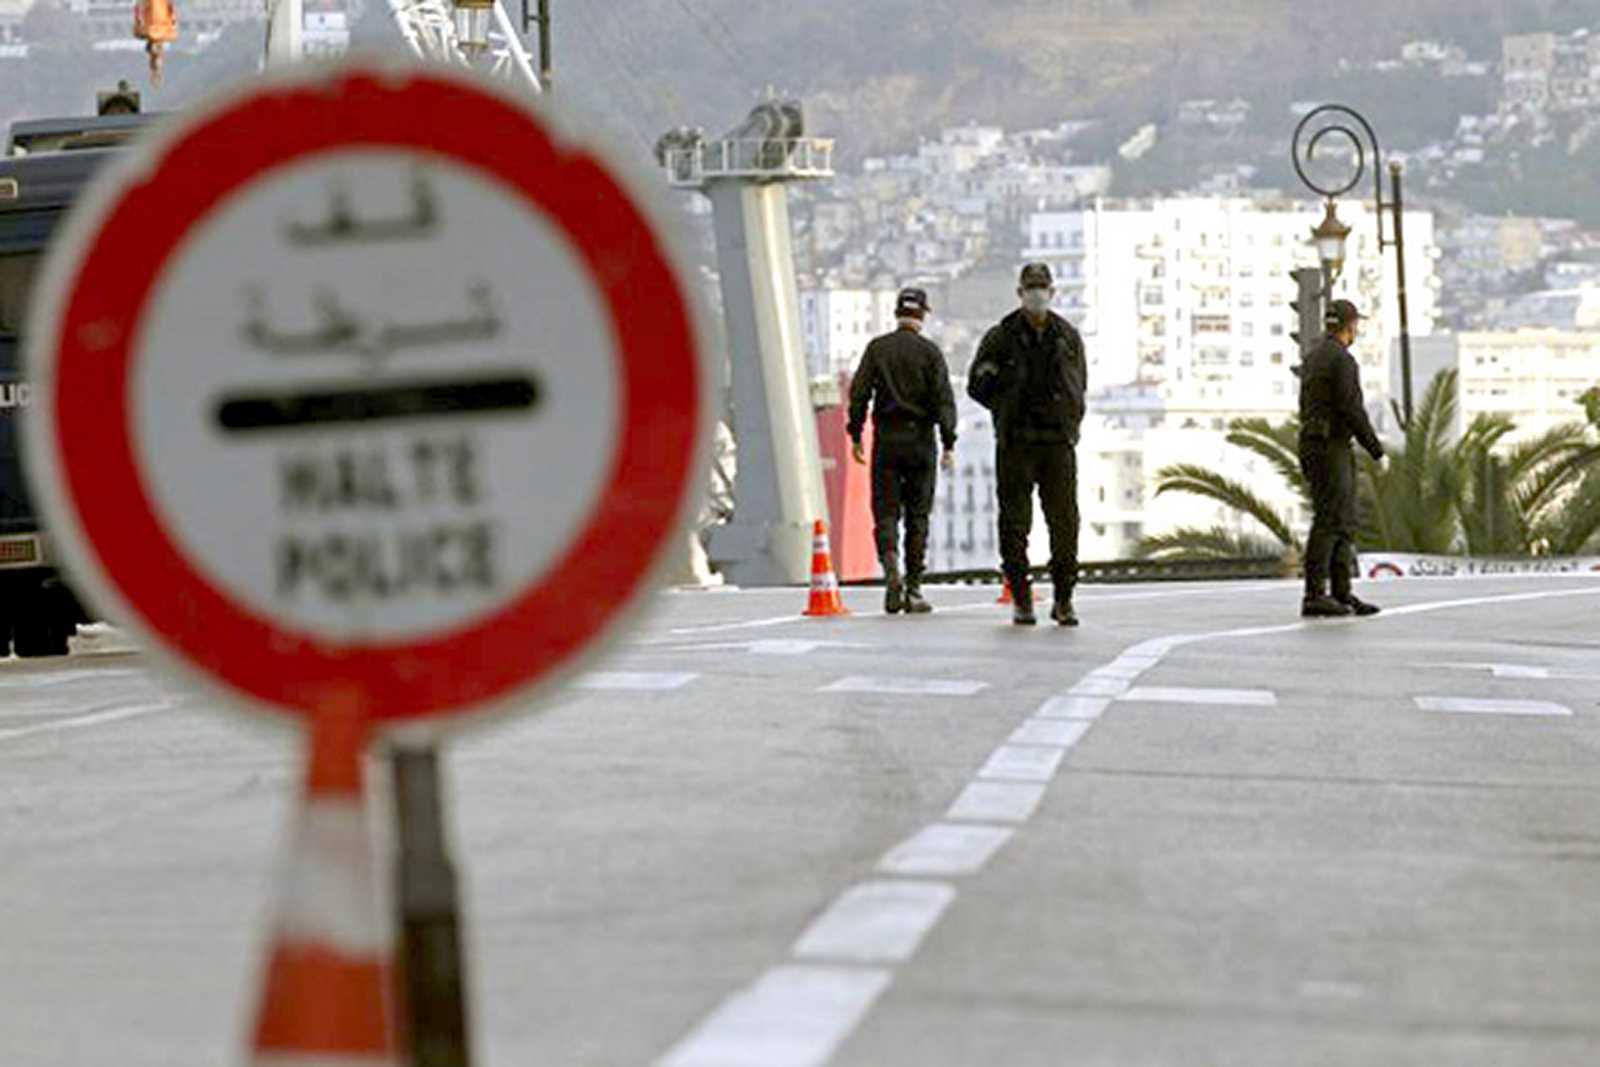 Lutte anti-Covid  : Baisse du nombre de régions soumises au confinement partiel - Algérie